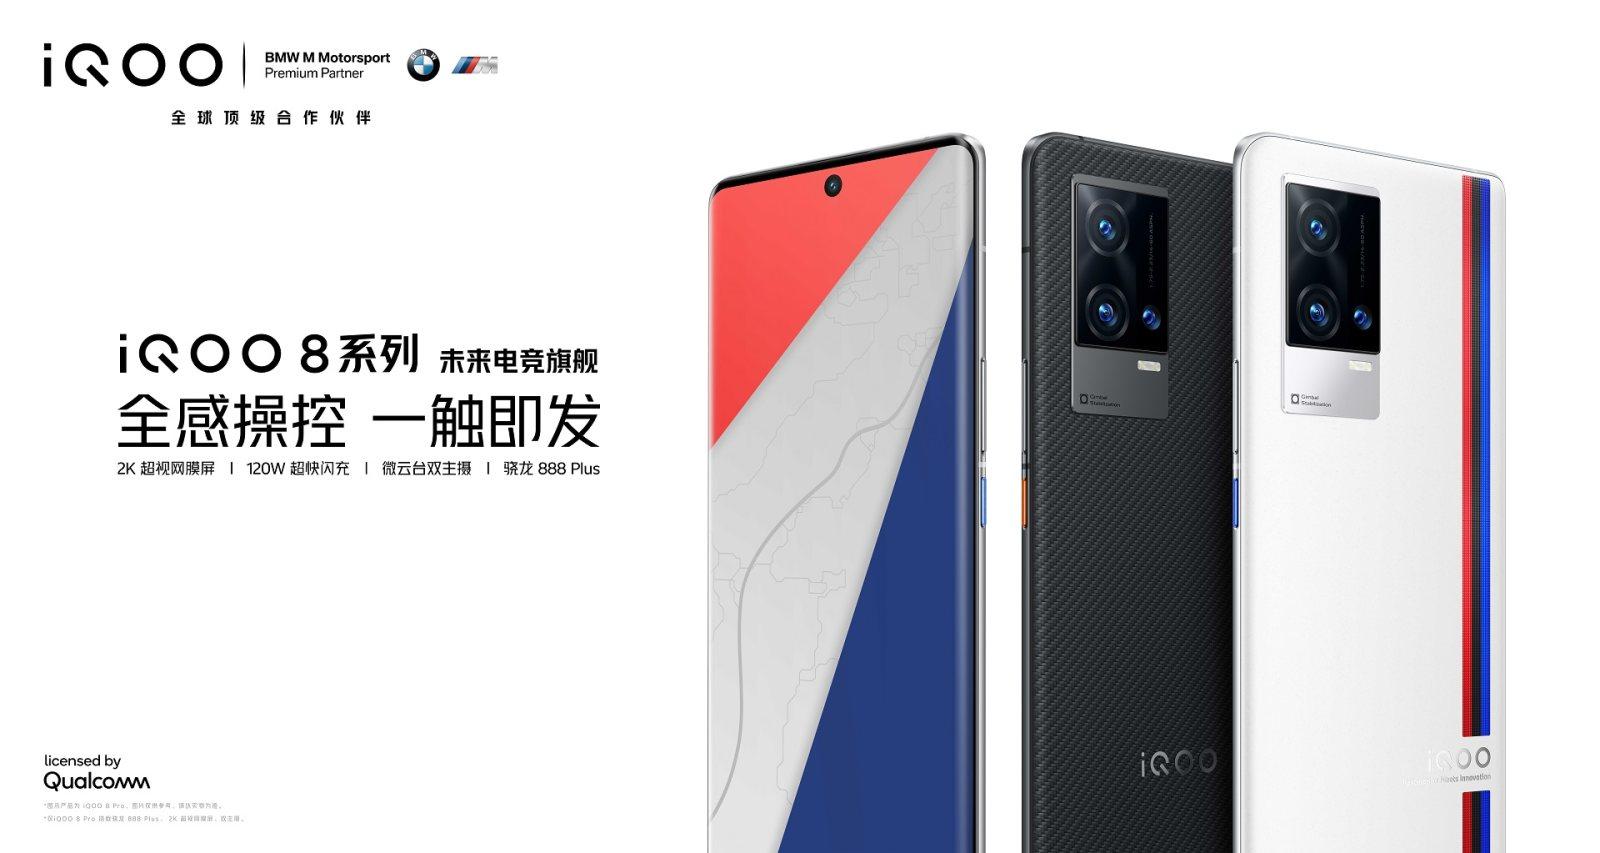 搭载晓龙888 Plus!iQOO 8 Pro正式公布